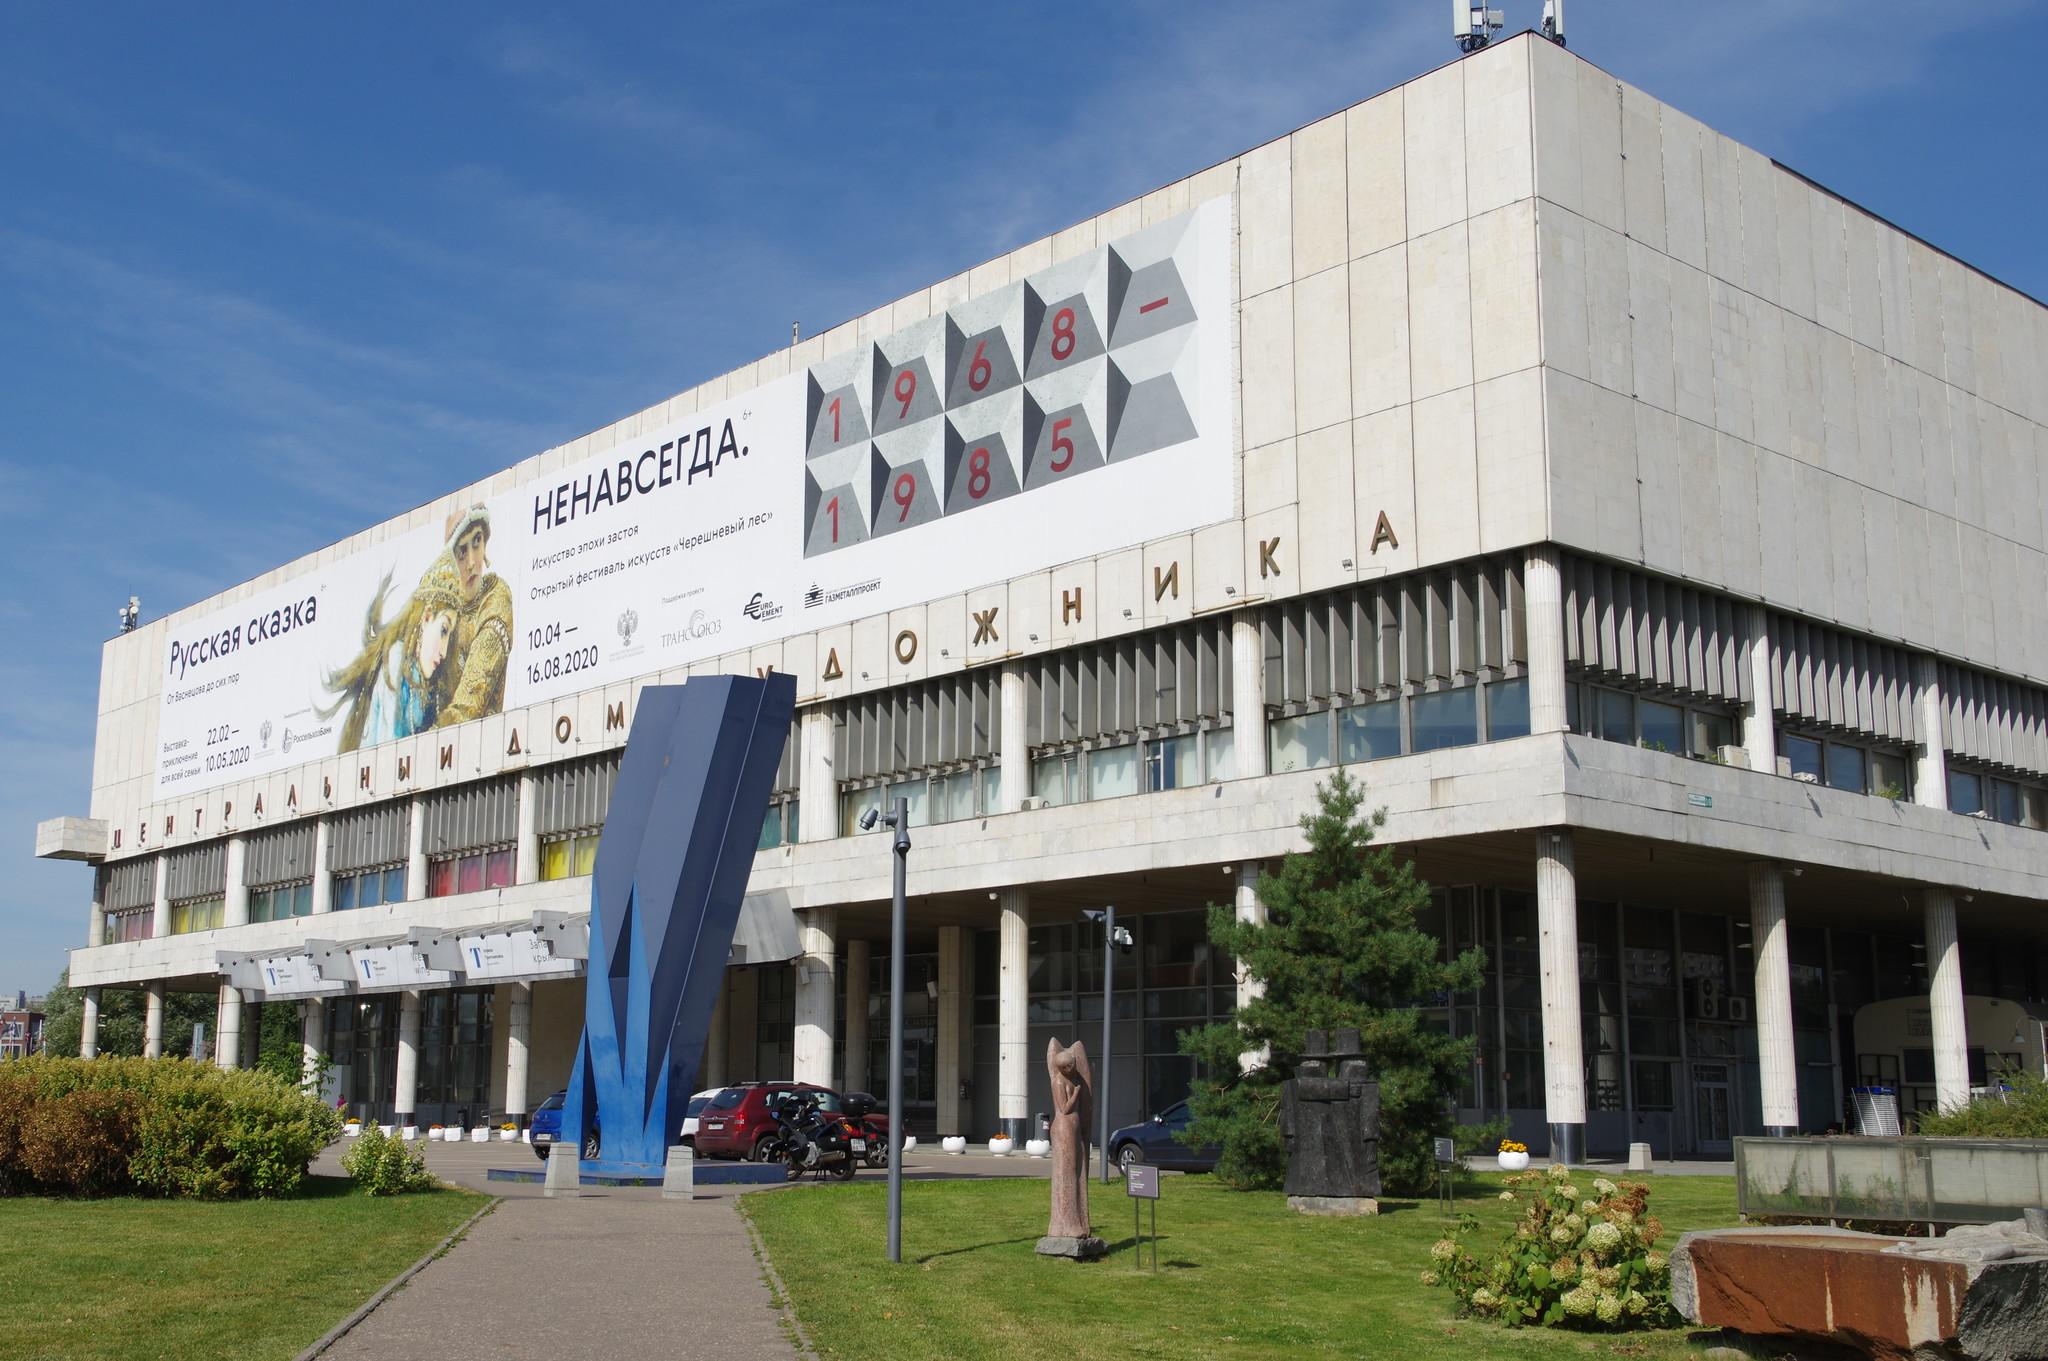 Новая Третьяковка - филиал Третьяковской галереи, расположенный в Москве на Крымском Валу, в парке «Музеон»